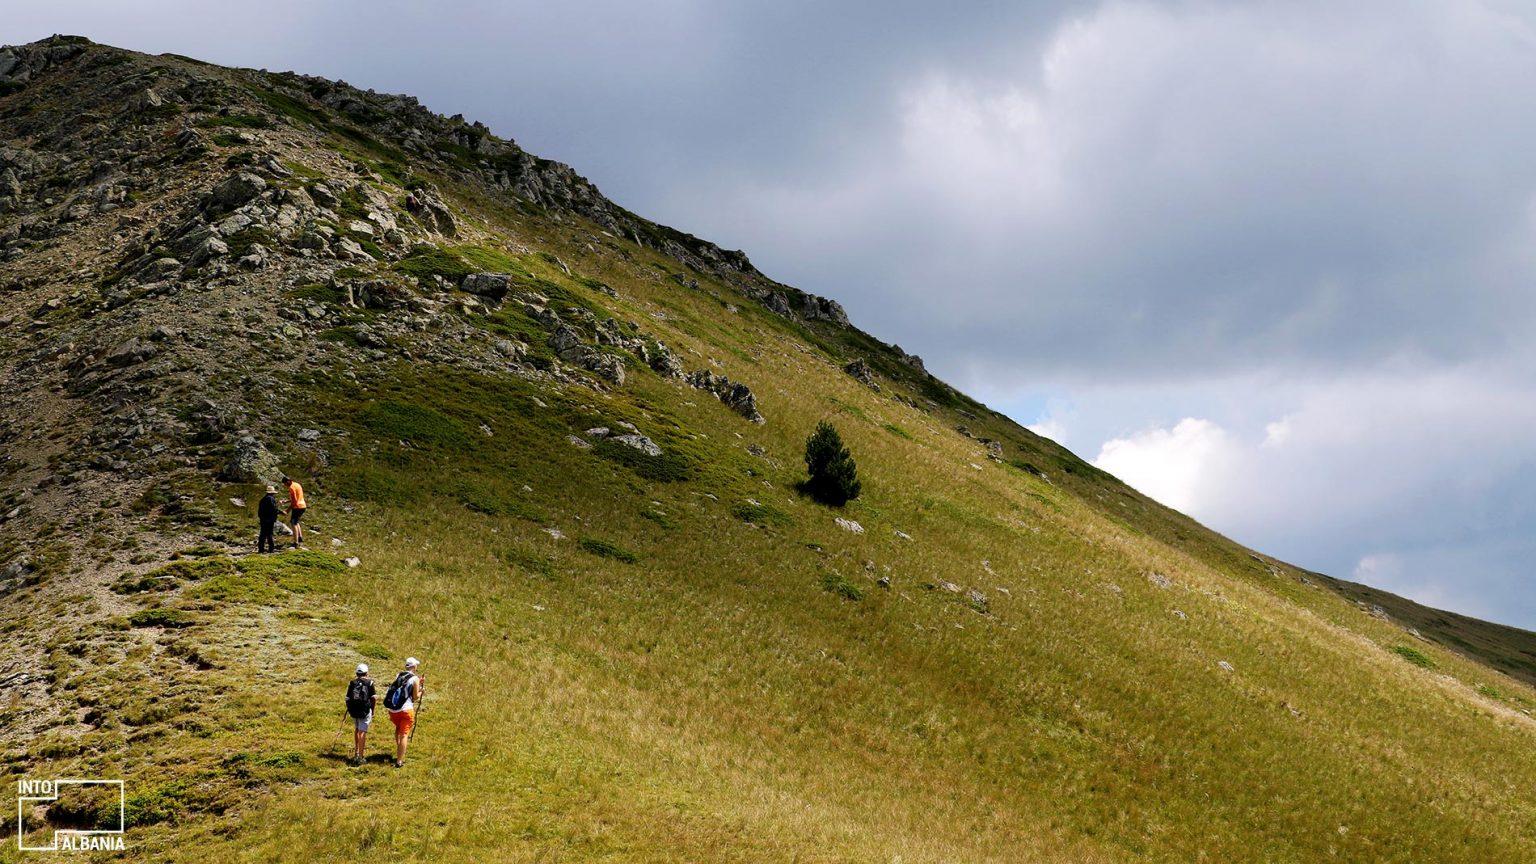 Maja e Malit të Kallkanit, foto nga IntoAlbania.